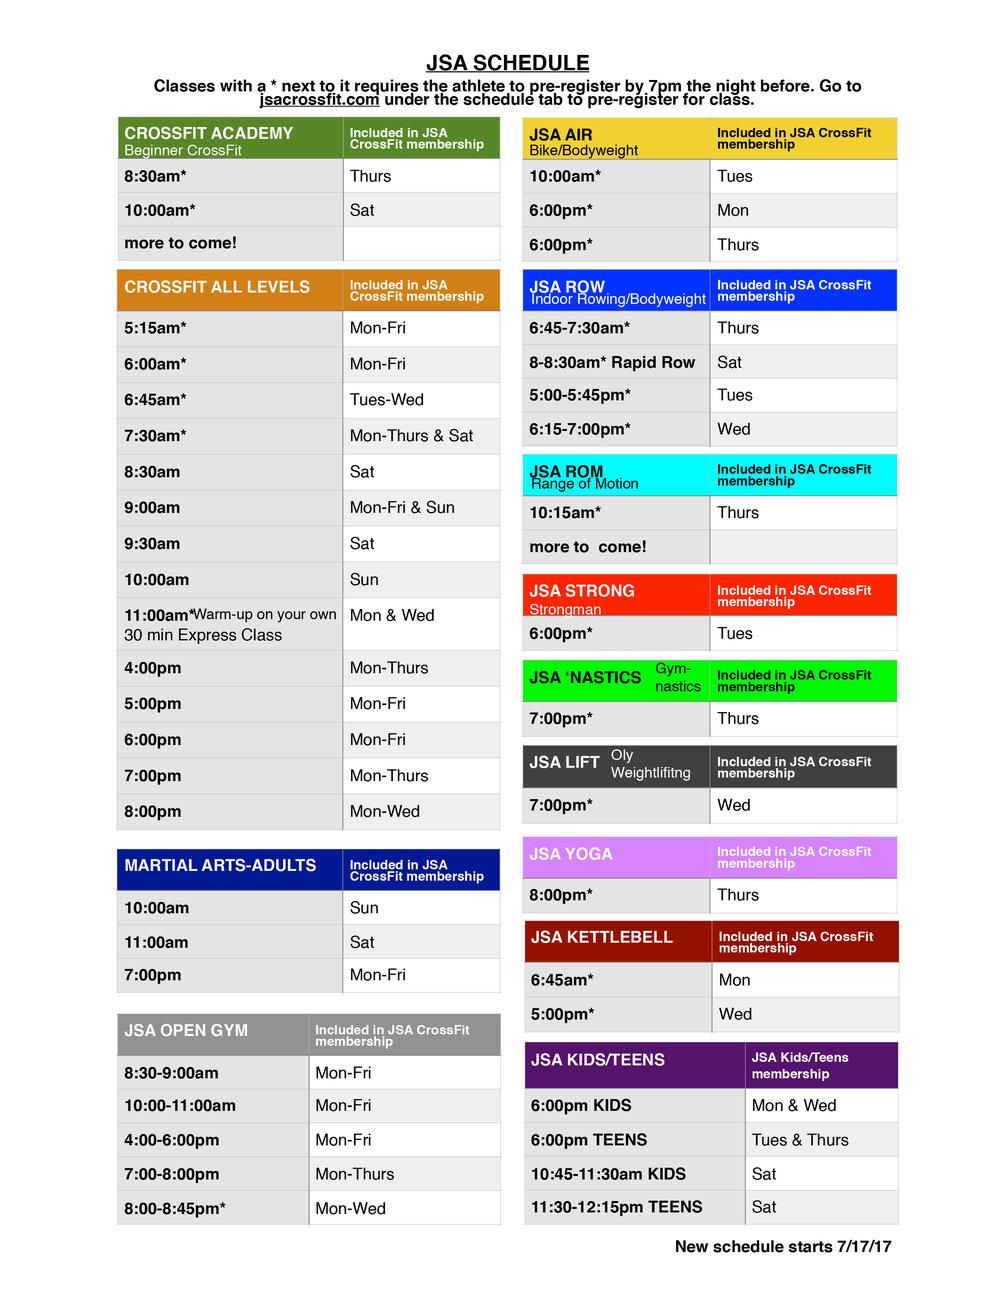 CrossFit schedule 8.2017 jpg